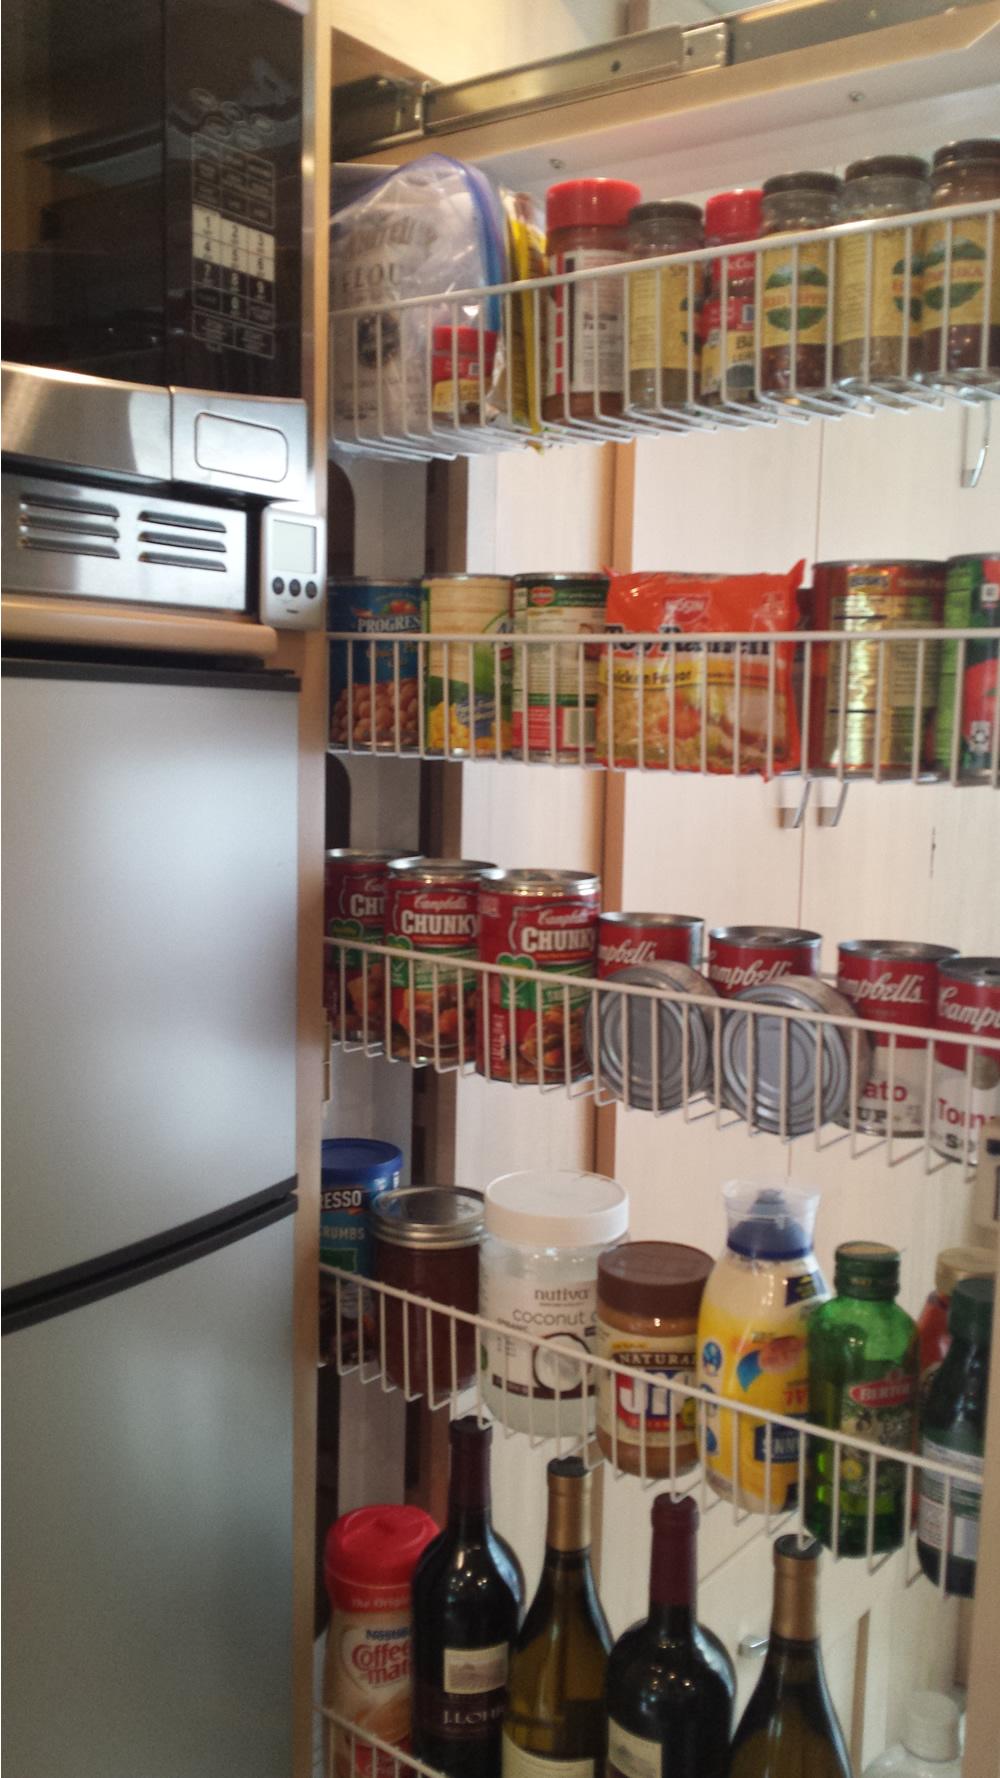 rv-pantry-stock.jpg